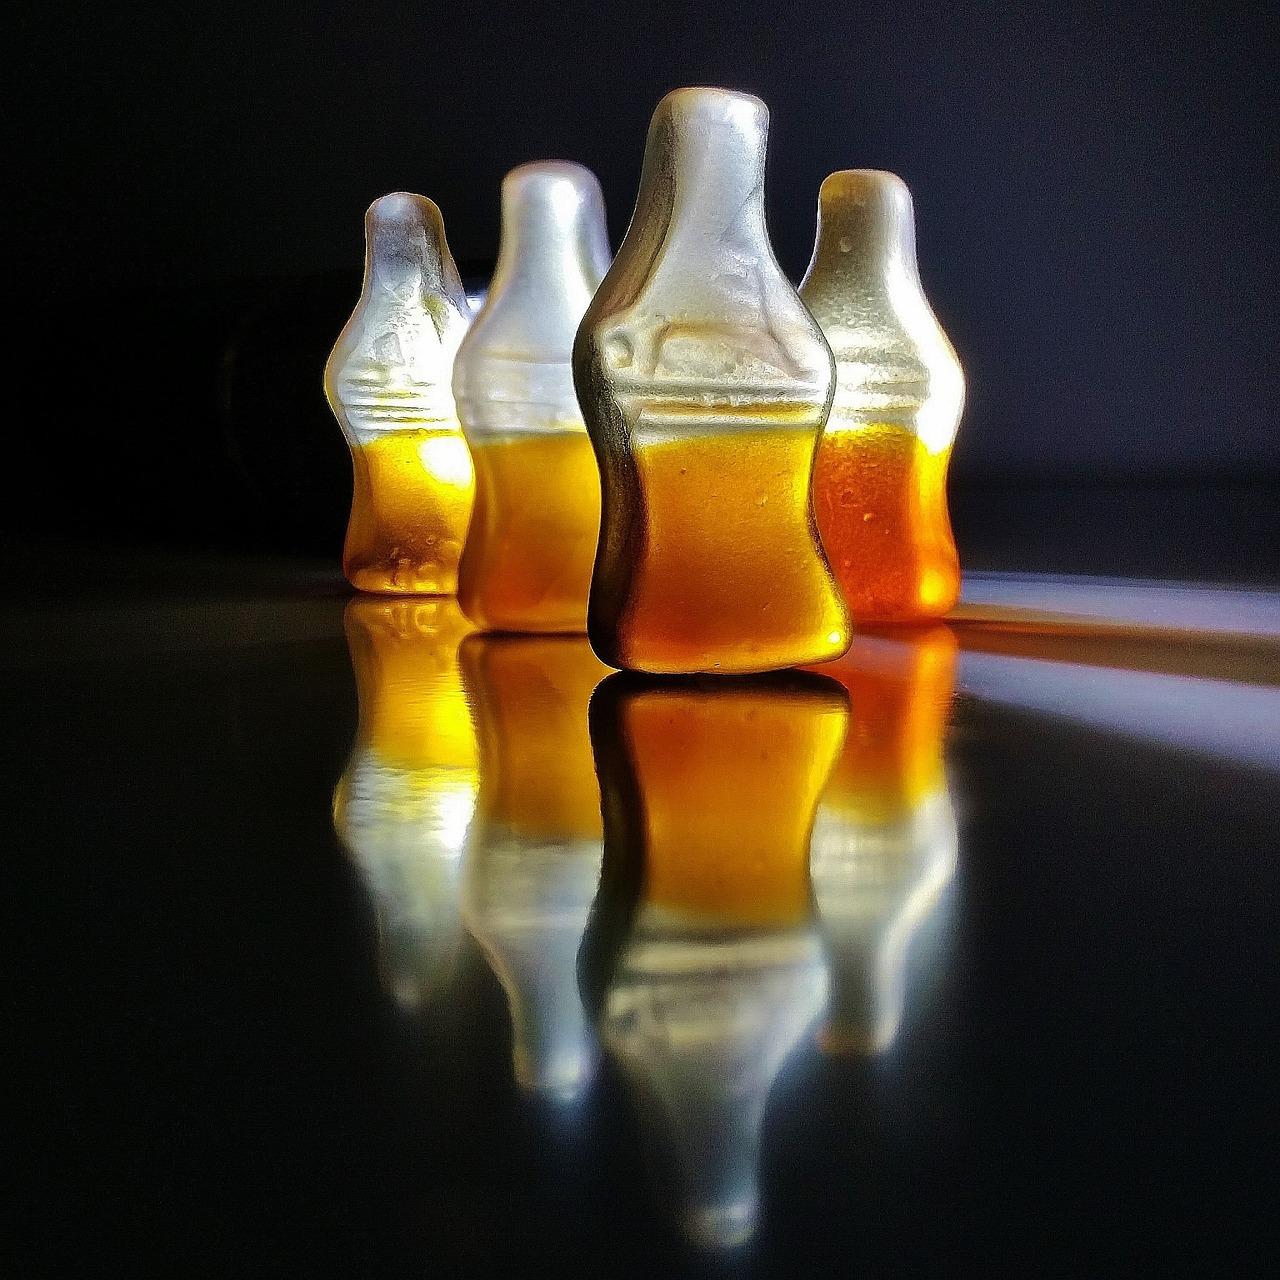 Foto: vier Cola-Gummibärchen